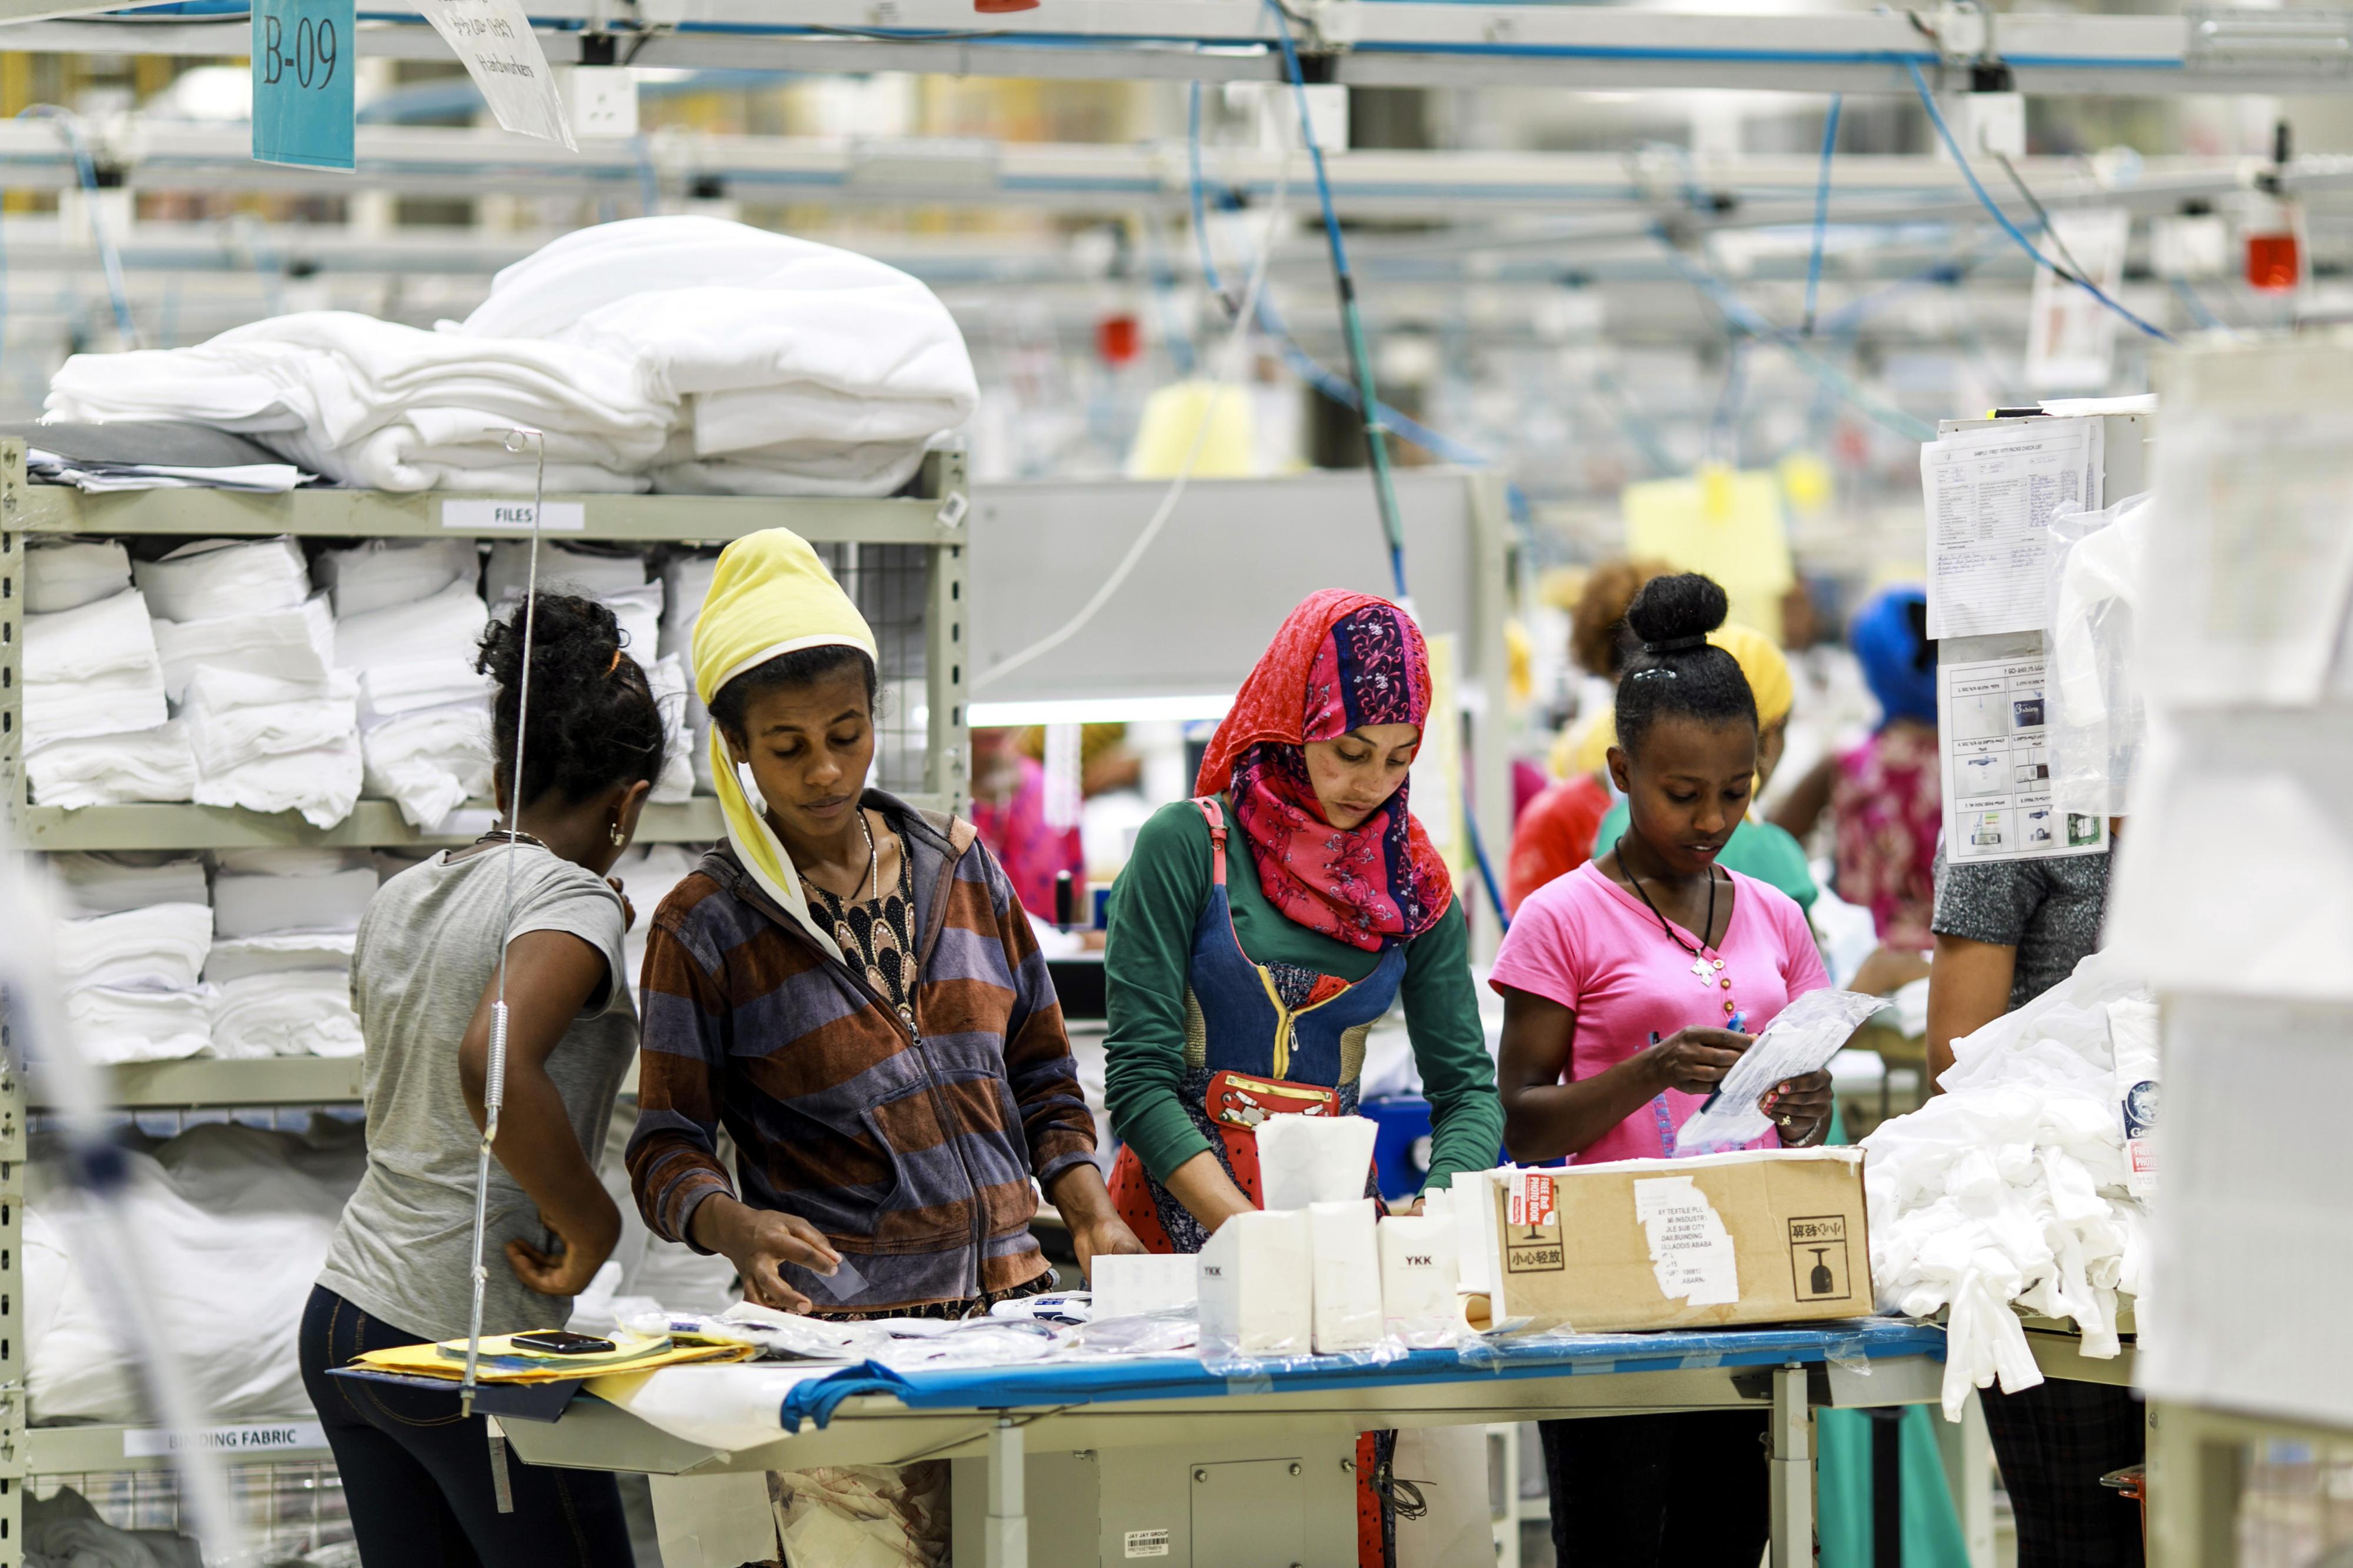 Arbeiterinnen in einer Fabrik für Textilien in Äthiopien